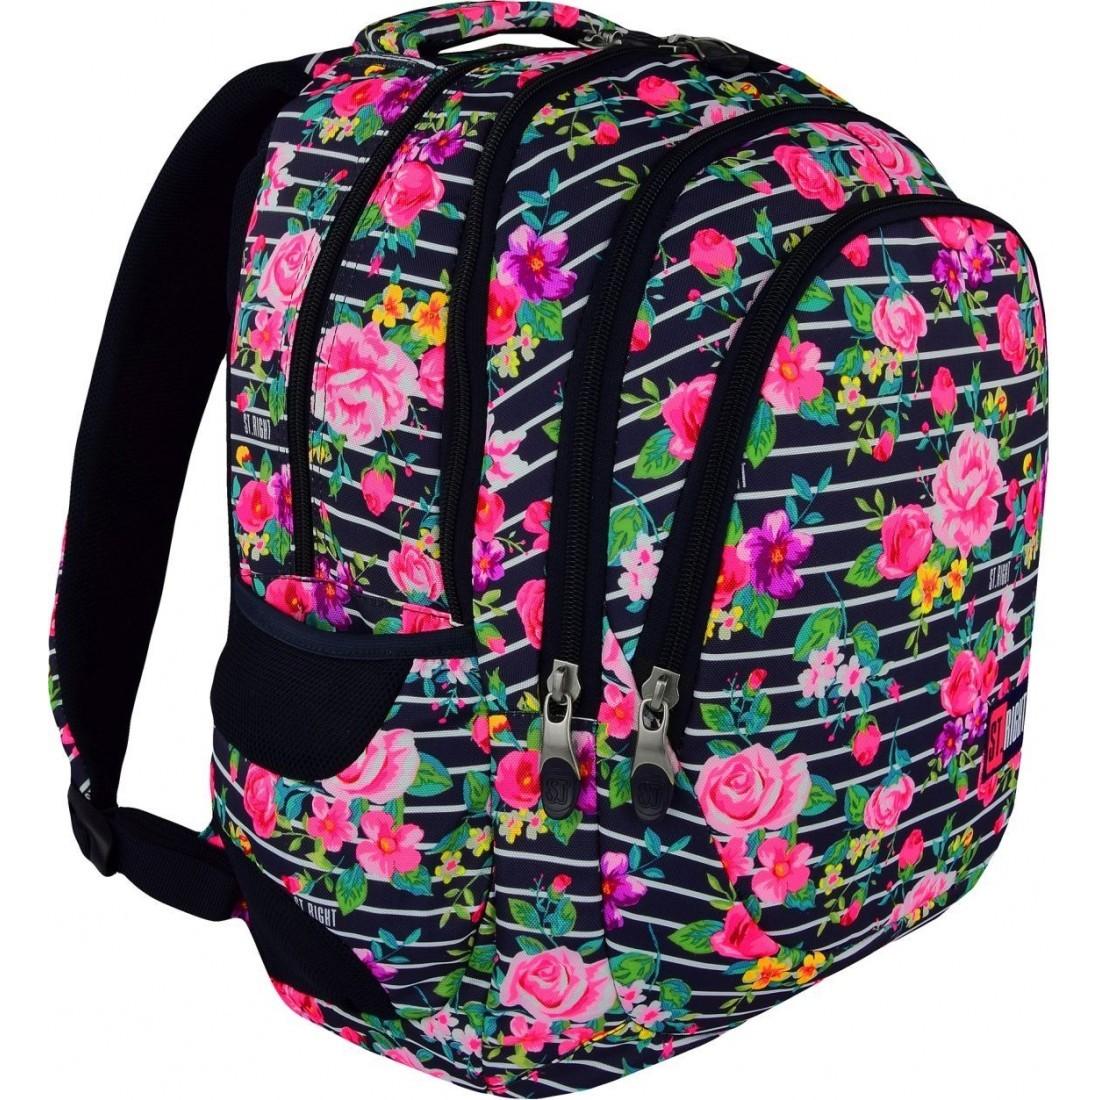 663f837a568f5 Plecak szkolny LIGHT ROSES małe róże w paski dla dziewczyny HIT 2018 ...